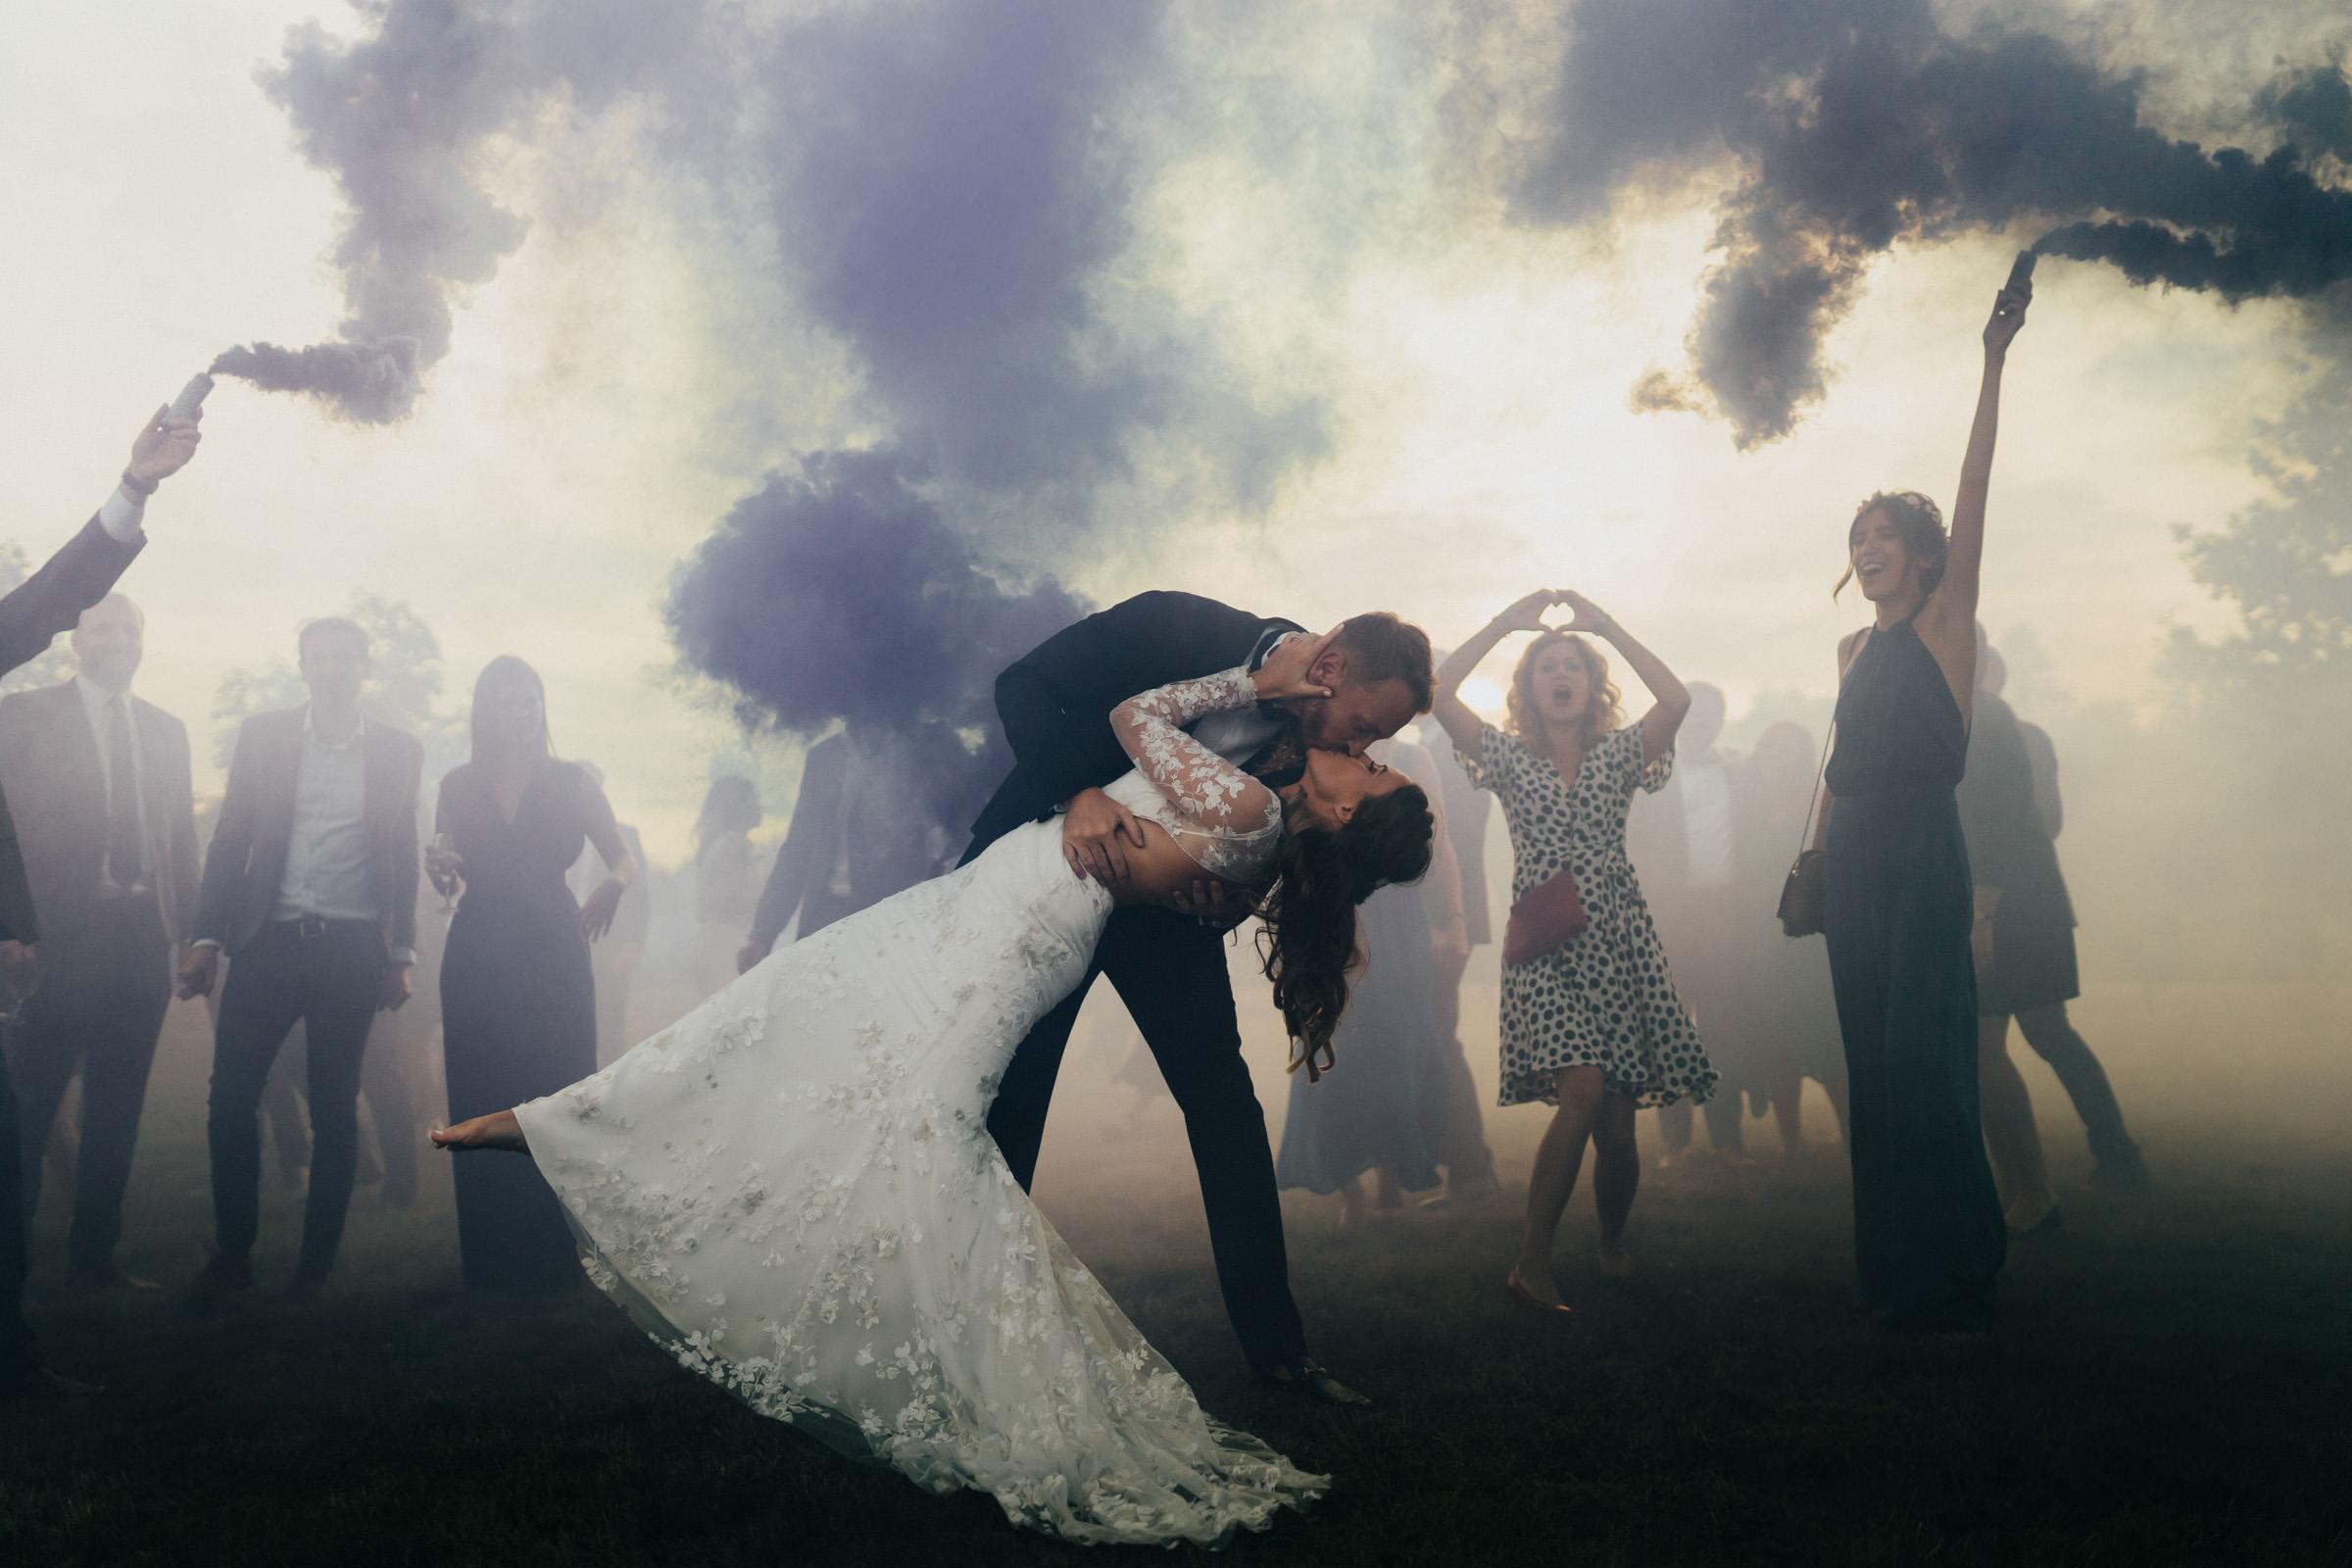 séance photo de groupe par samantha guillon photographe de mariage installée à clamart en ile de france proche paris